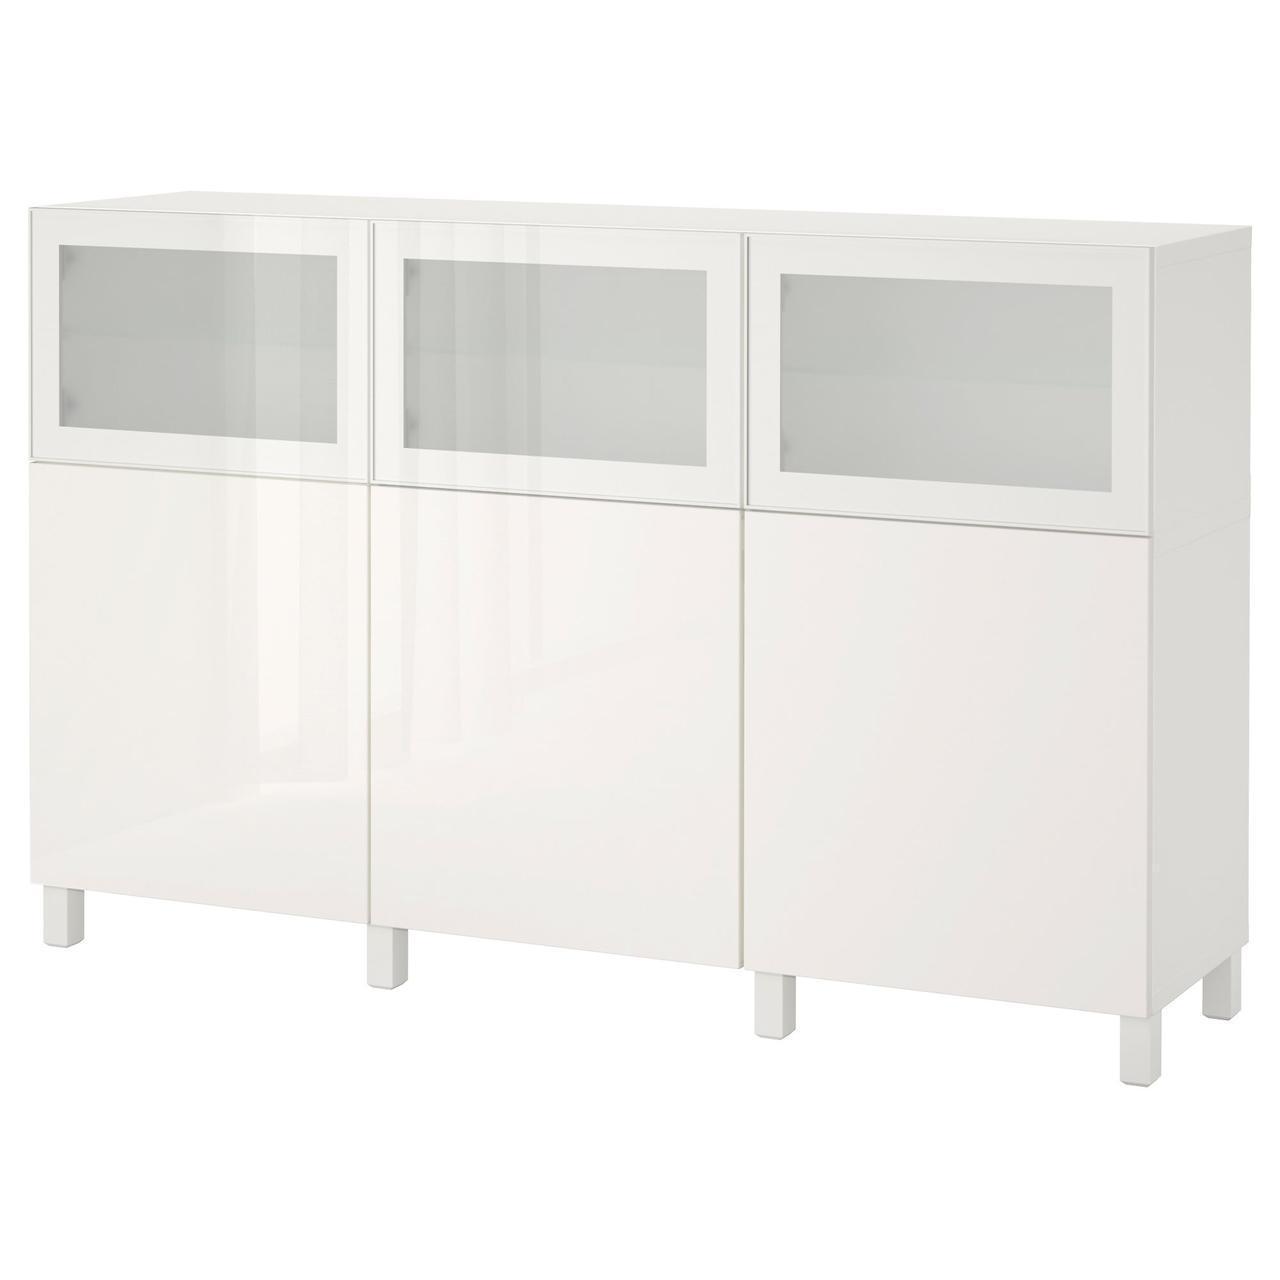 IKEA BESTA Тумба, білий Сельсвикен, Глассвик глянцевий білий матове (892.081.91)